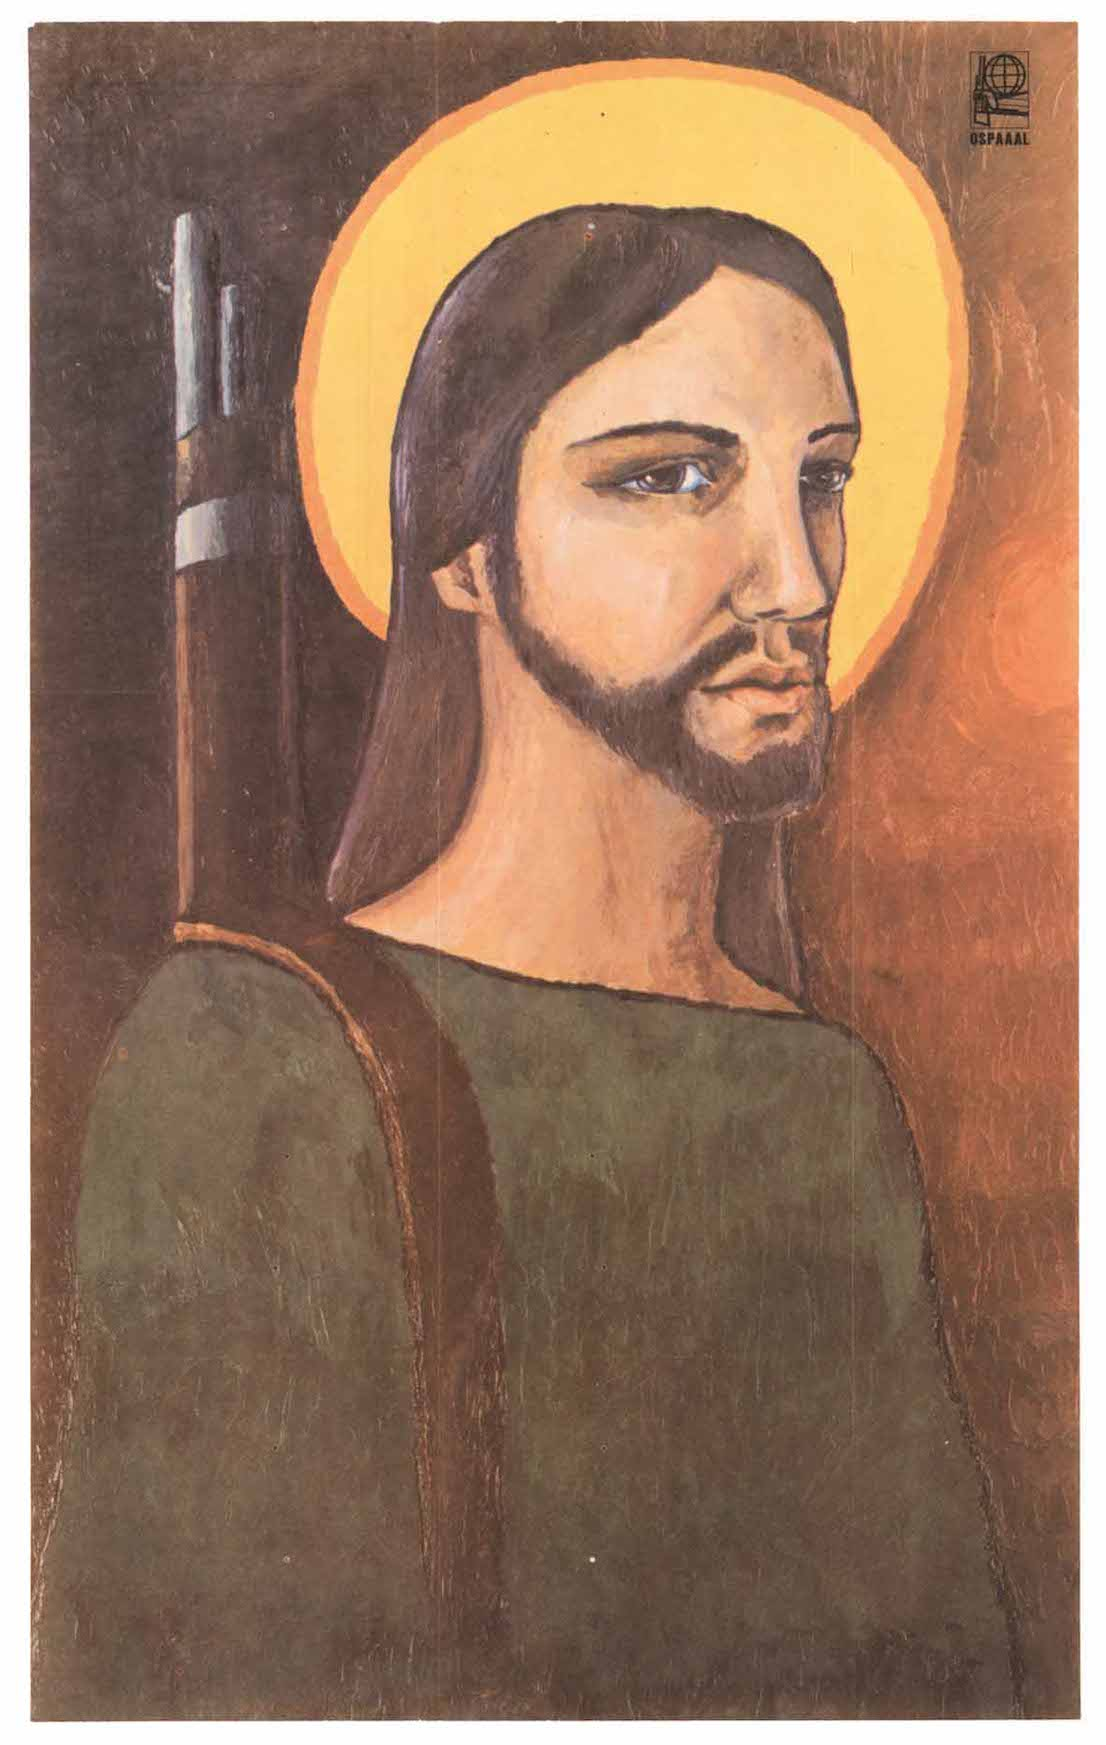 Alfrédo Rostgaard, Cristo guerrillero, 1969.